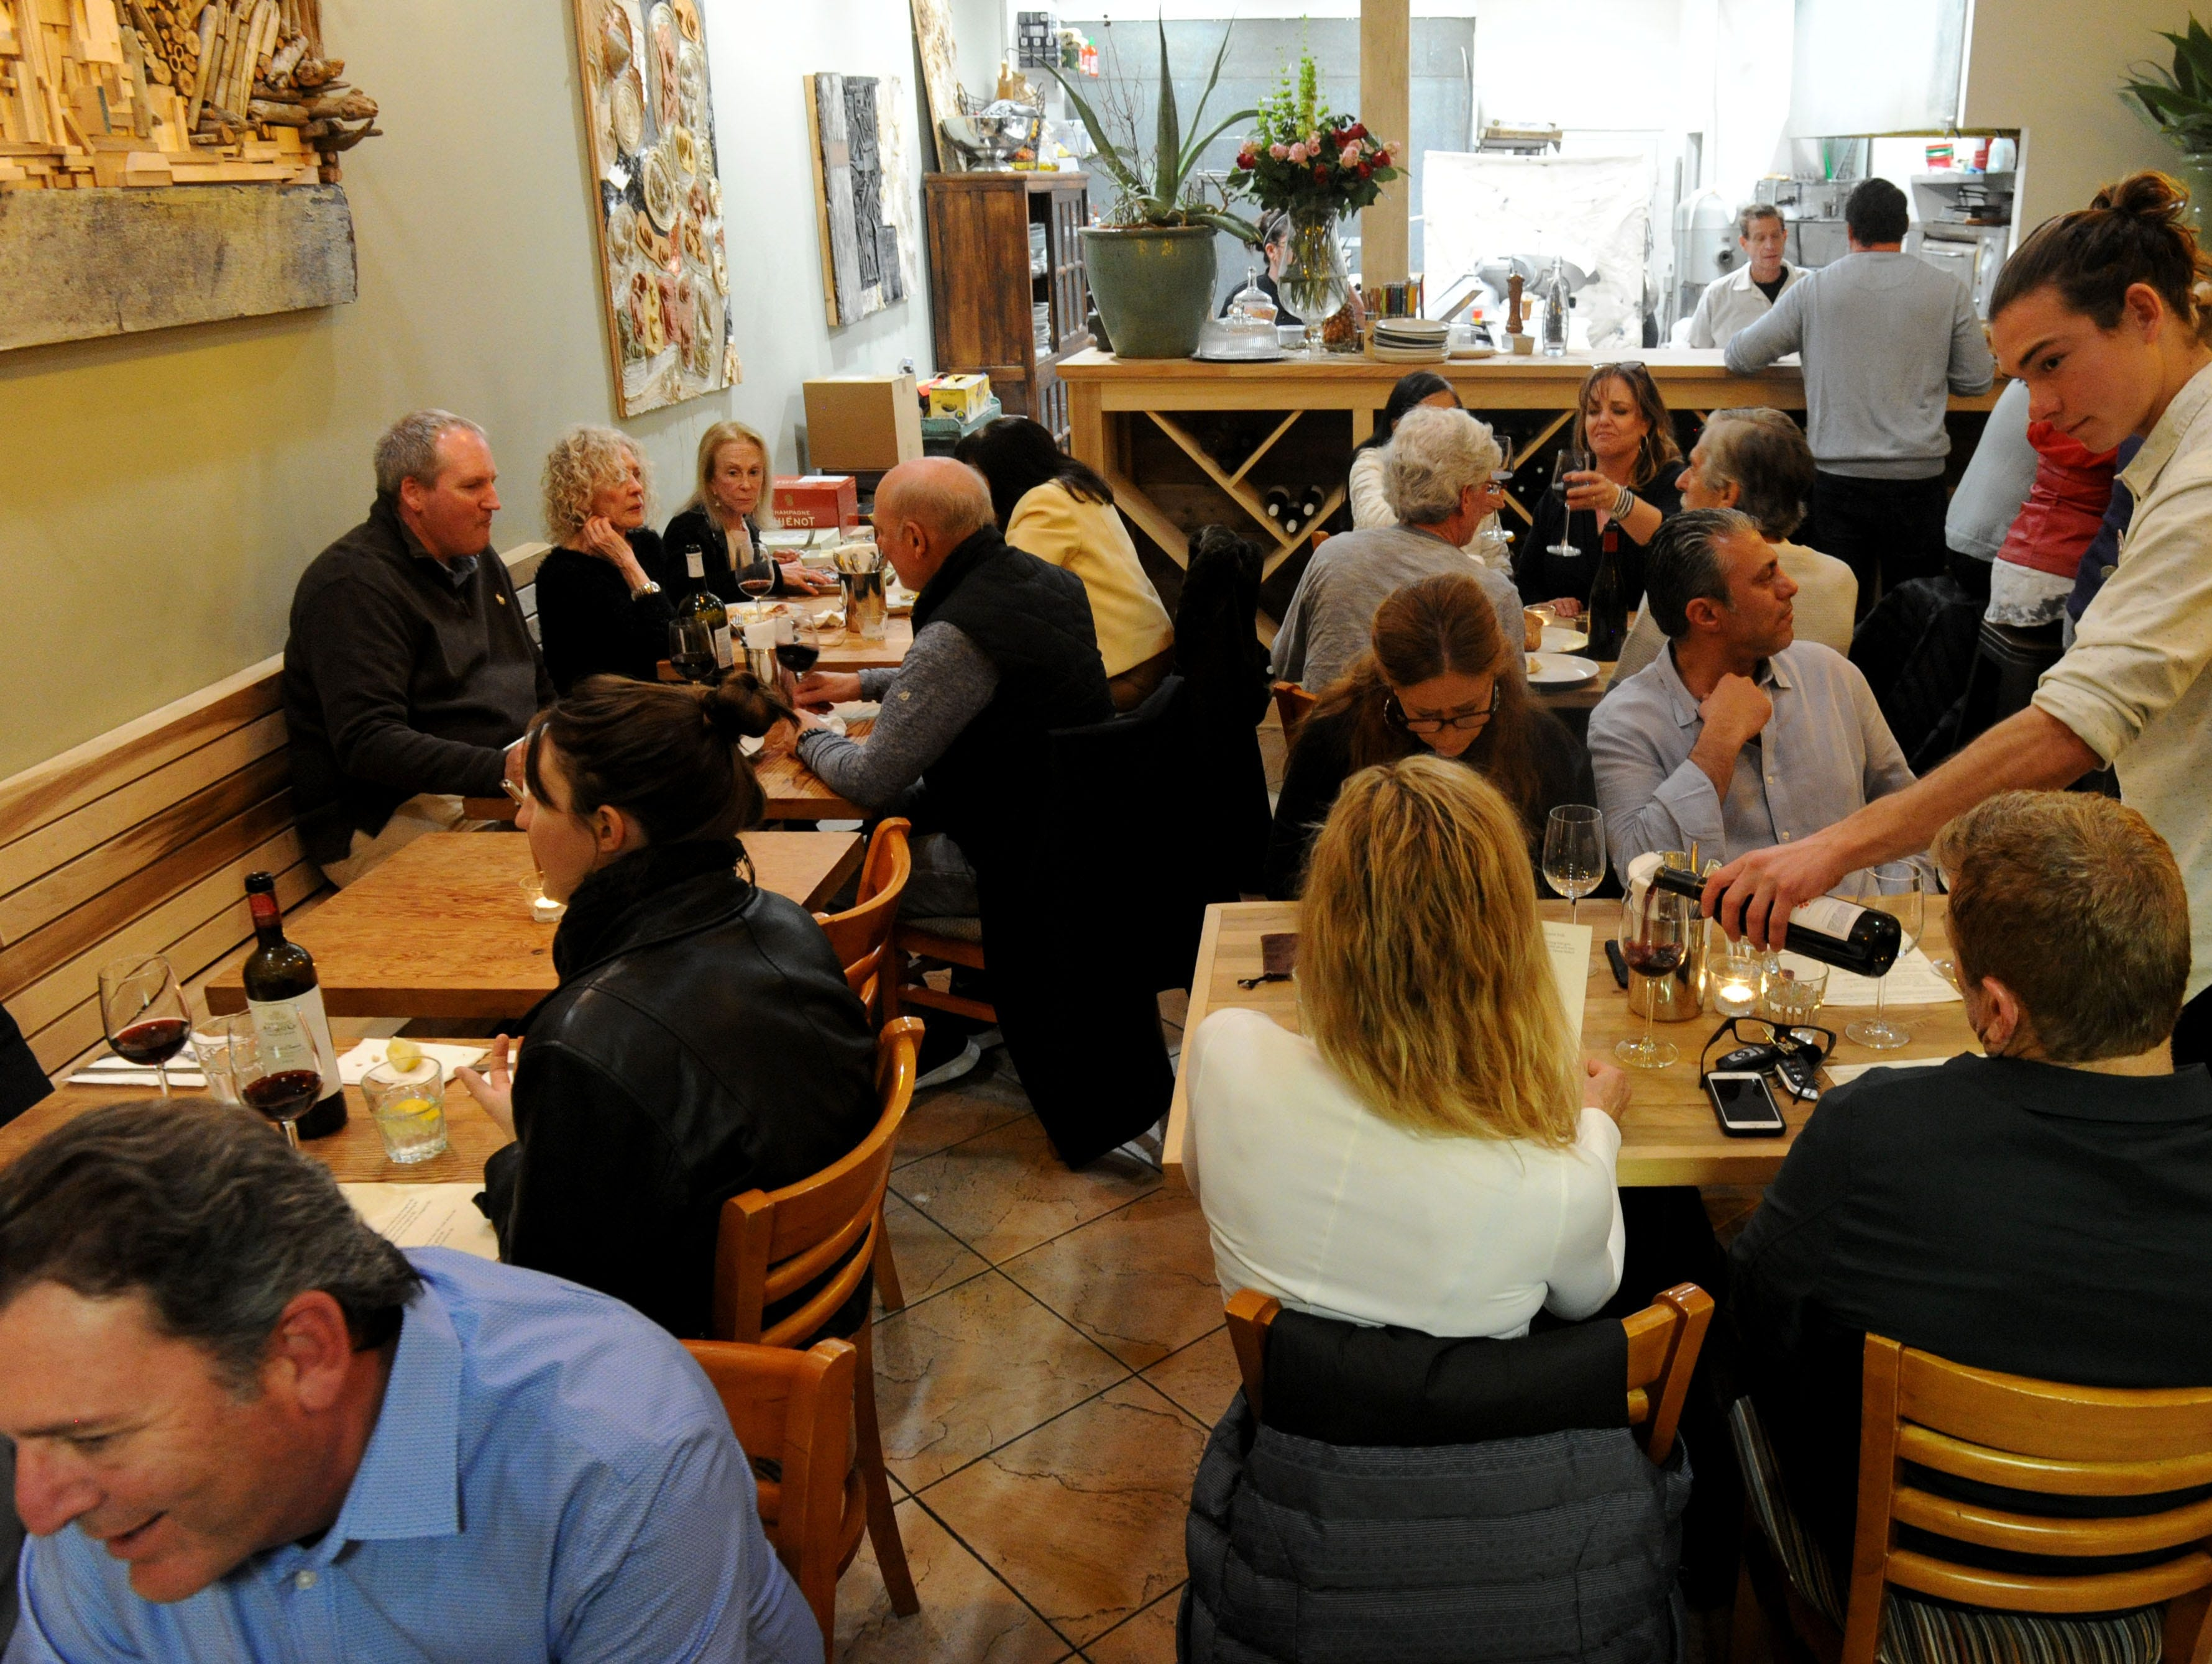 Alex Mitchell, waiter at Decker Kitchen in Westlake Village, pours wine for customers.